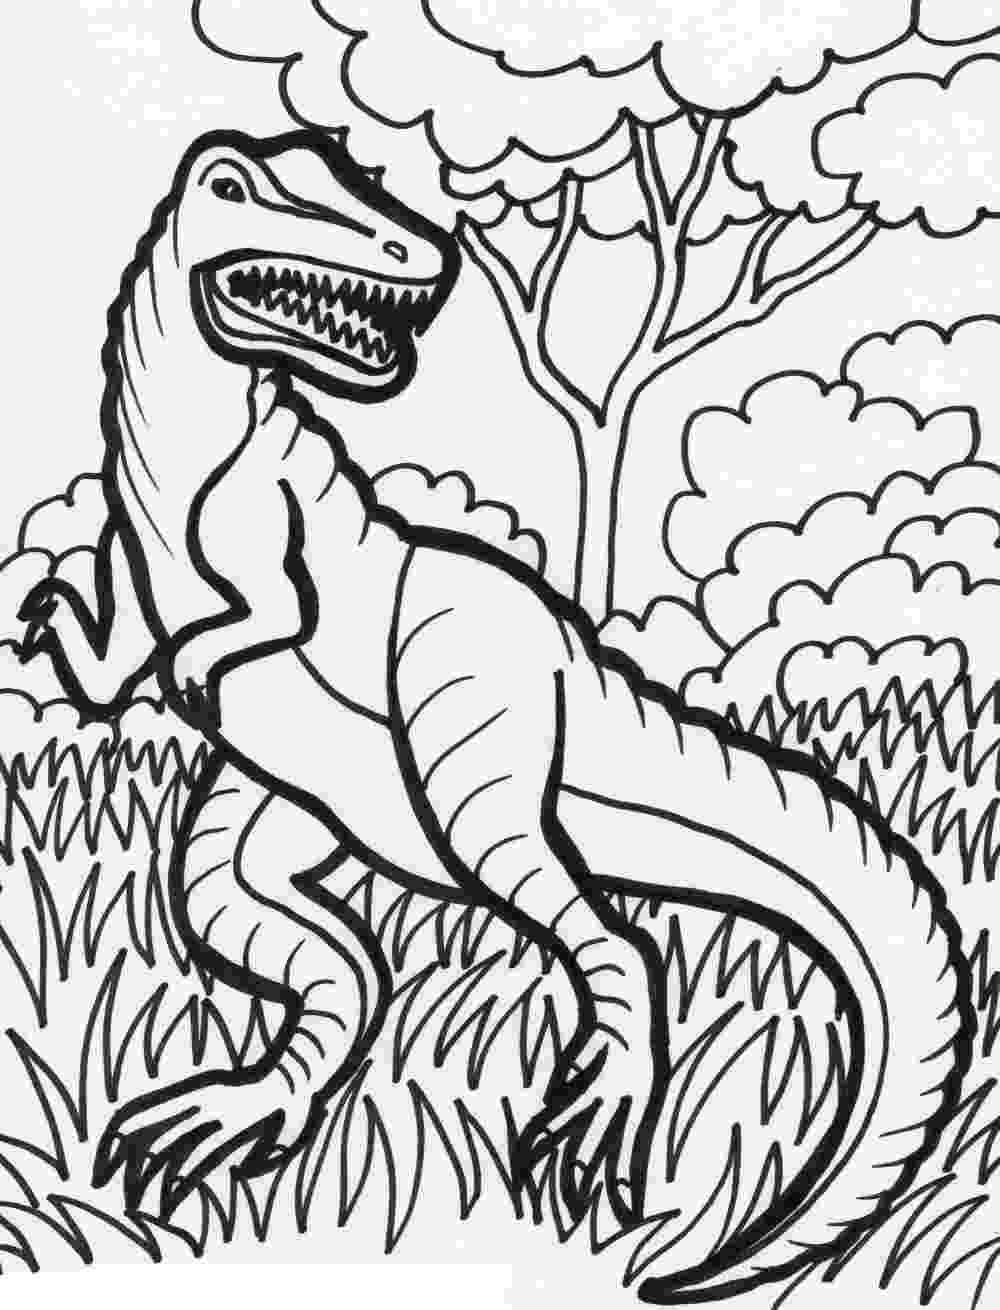 free printable dinosaur dinosaur templates free printable dinosaur shape pdfs printable free dinosaur